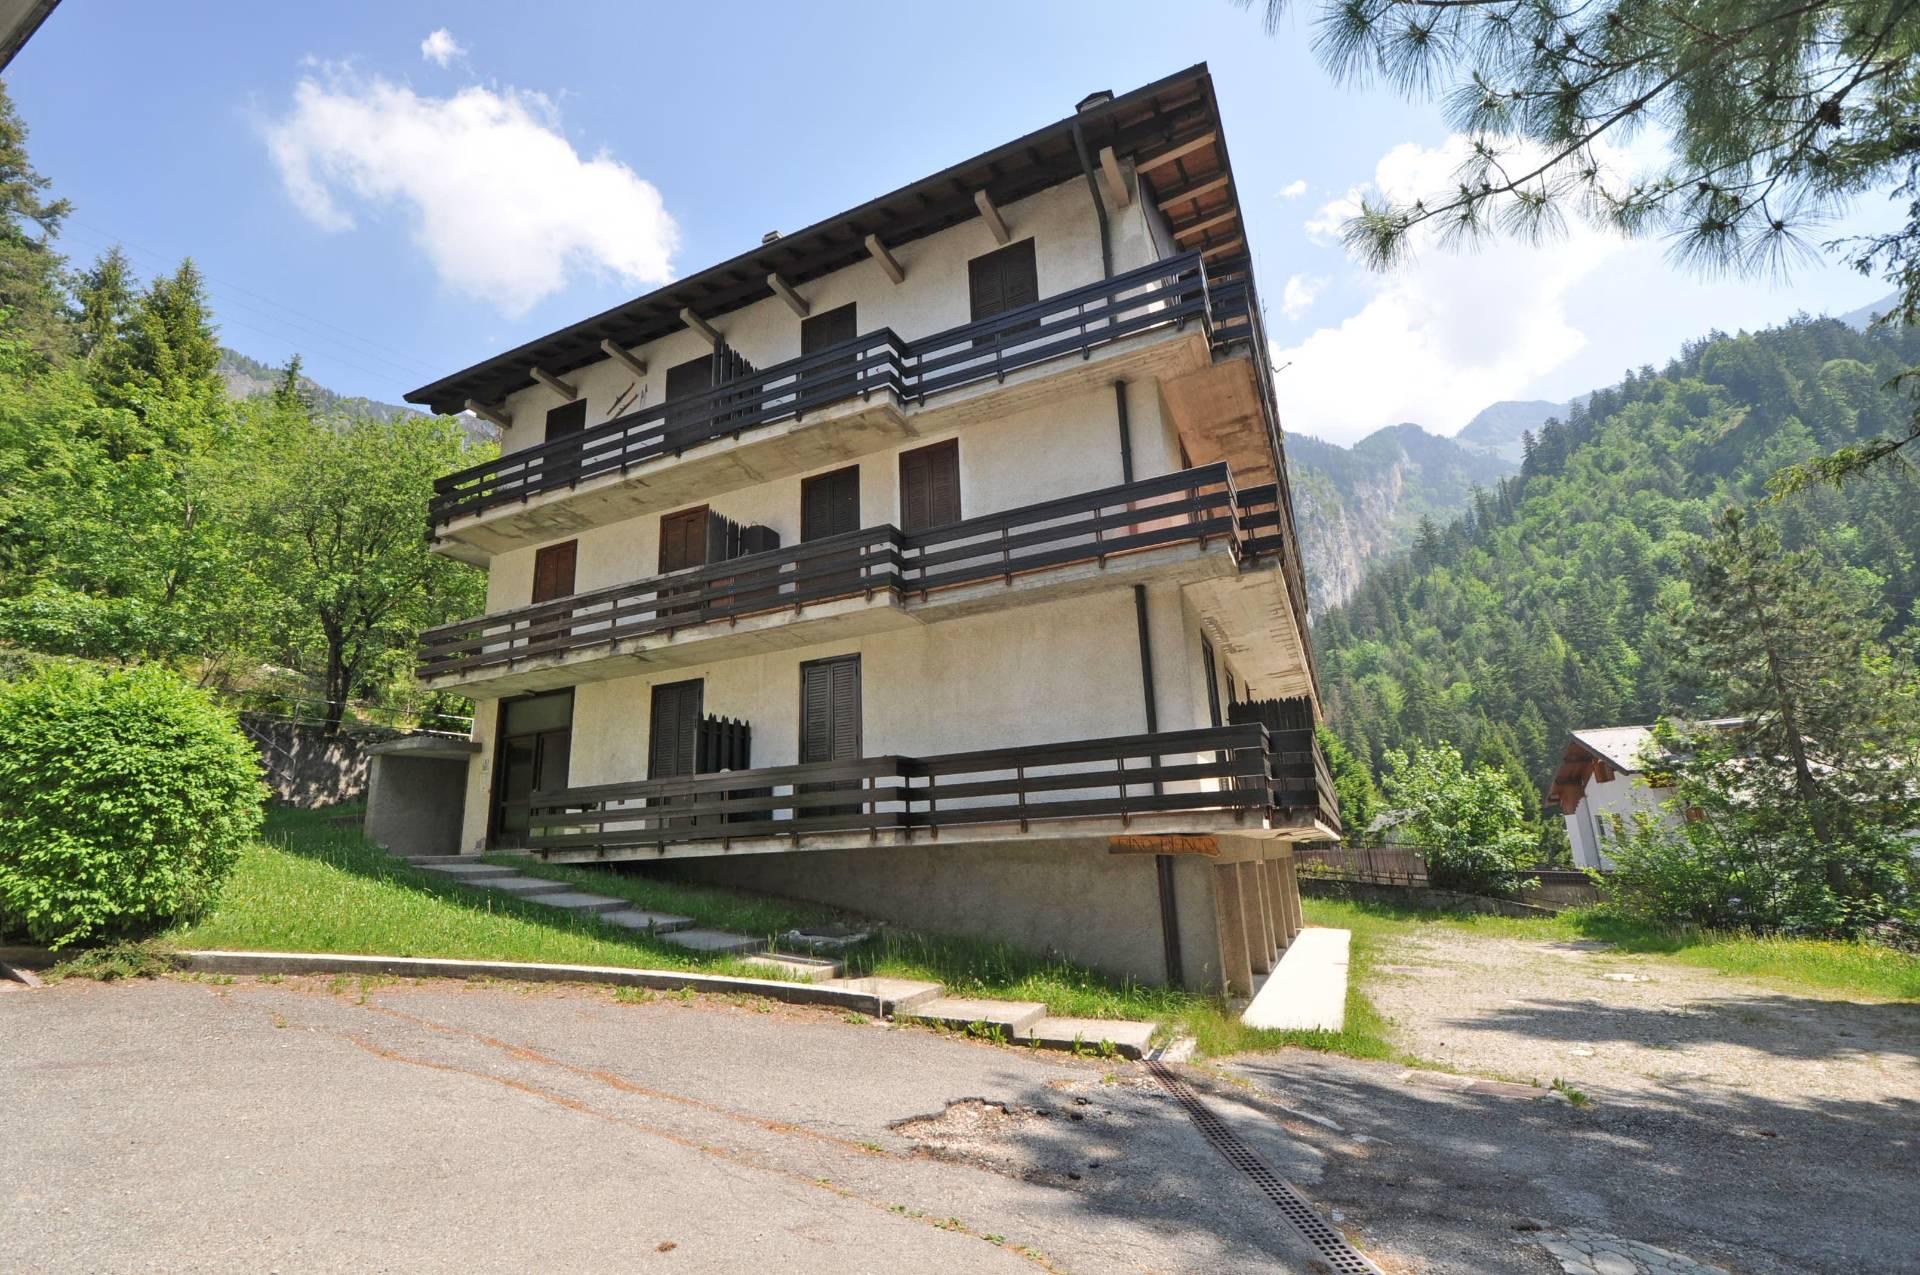 Appartamento in vendita a Piazzatorre, 3 locali, prezzo € 45.000 | CambioCasa.it